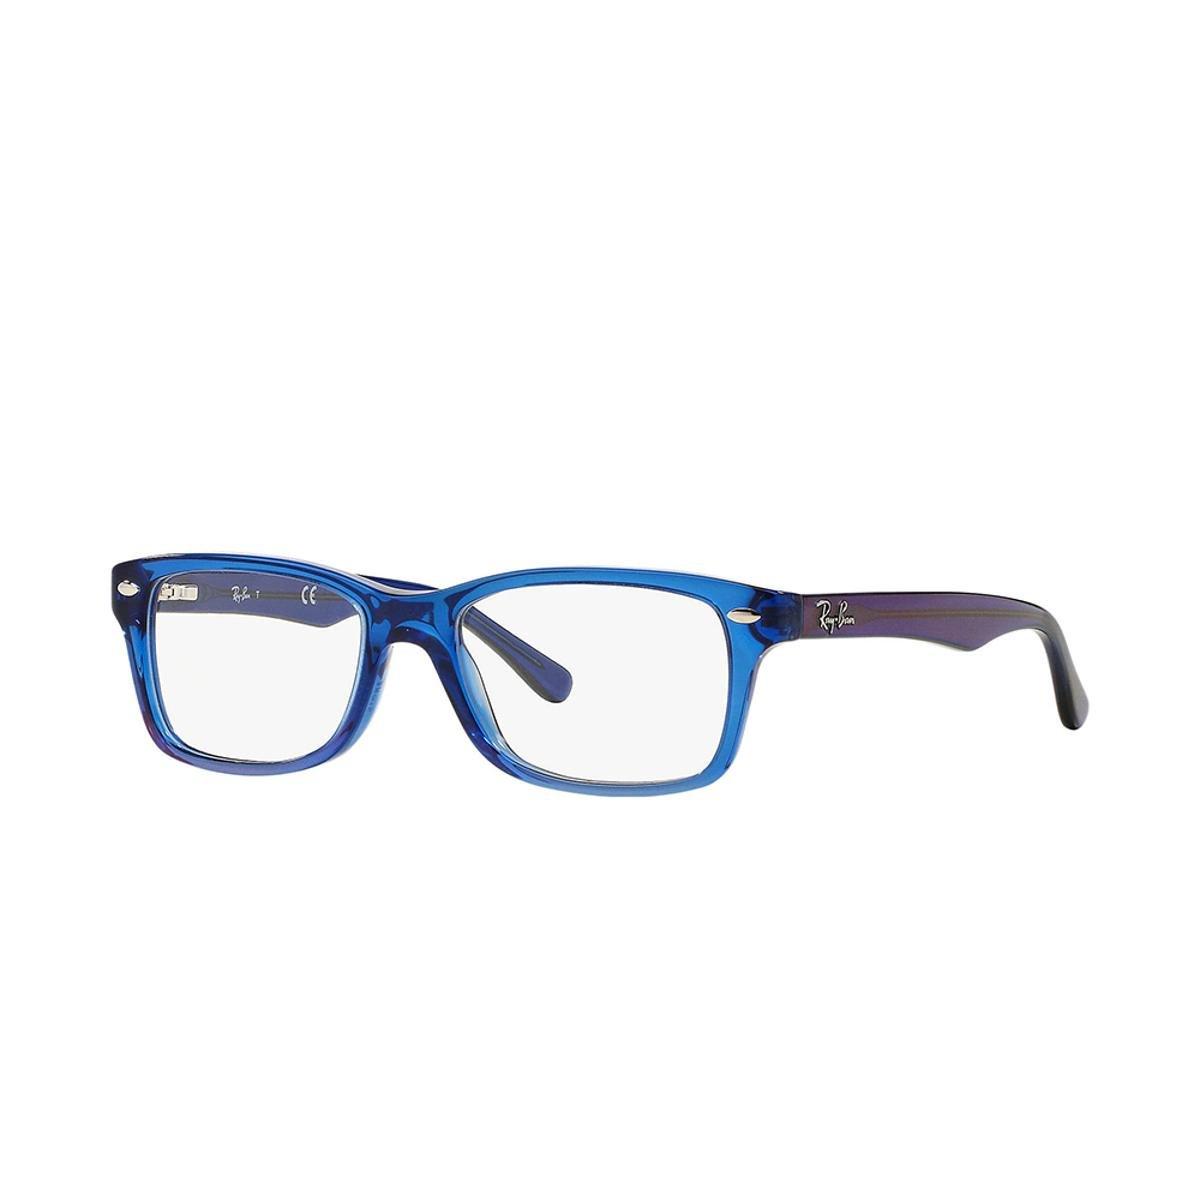 e5bc3ee5766ff Armação de Óculos Ray-Ban RB1531 - Azul - Compre Agora